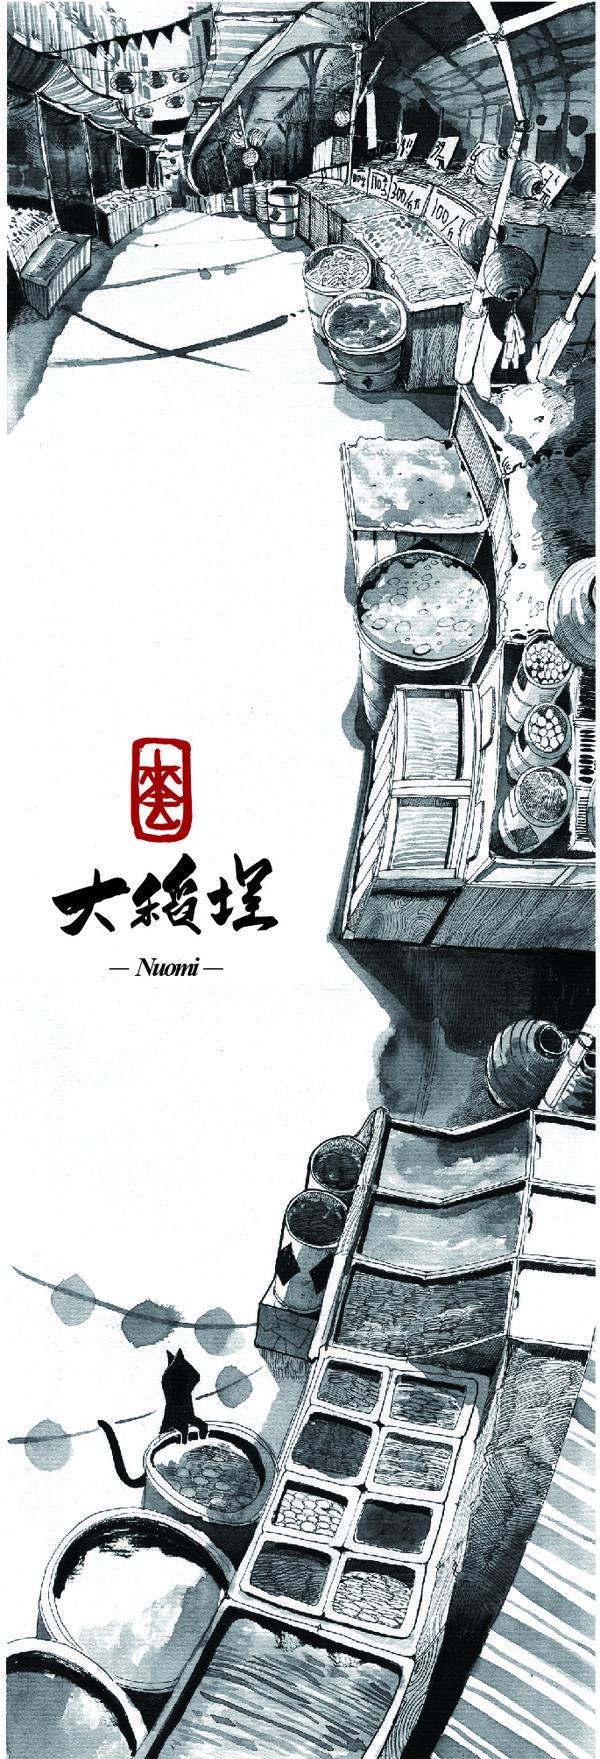 【設計大人物】Nuomi 的插畫旅行地圖---大稻埕 | 大人物